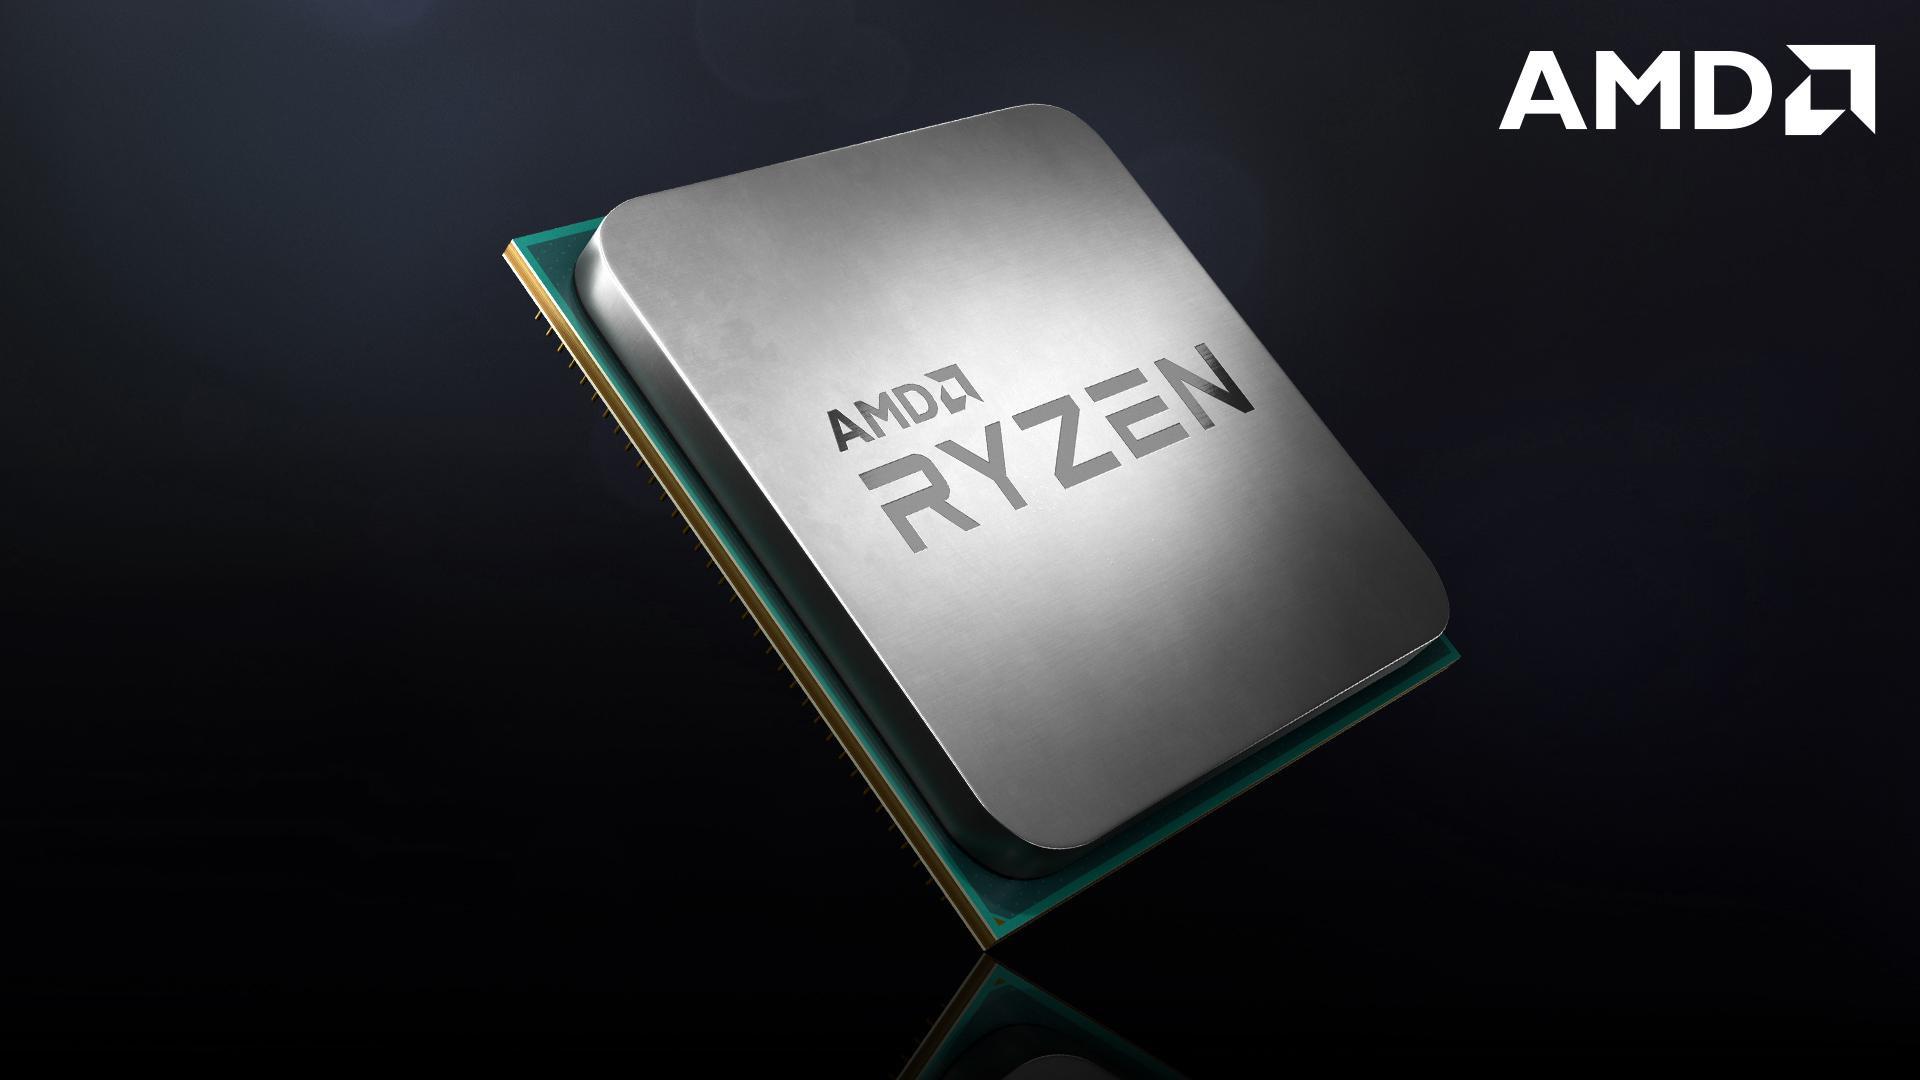 RAW現像・画像処理用のパソコン(CPU)の2020年のおすすめは?現役フォトグラファーが解説